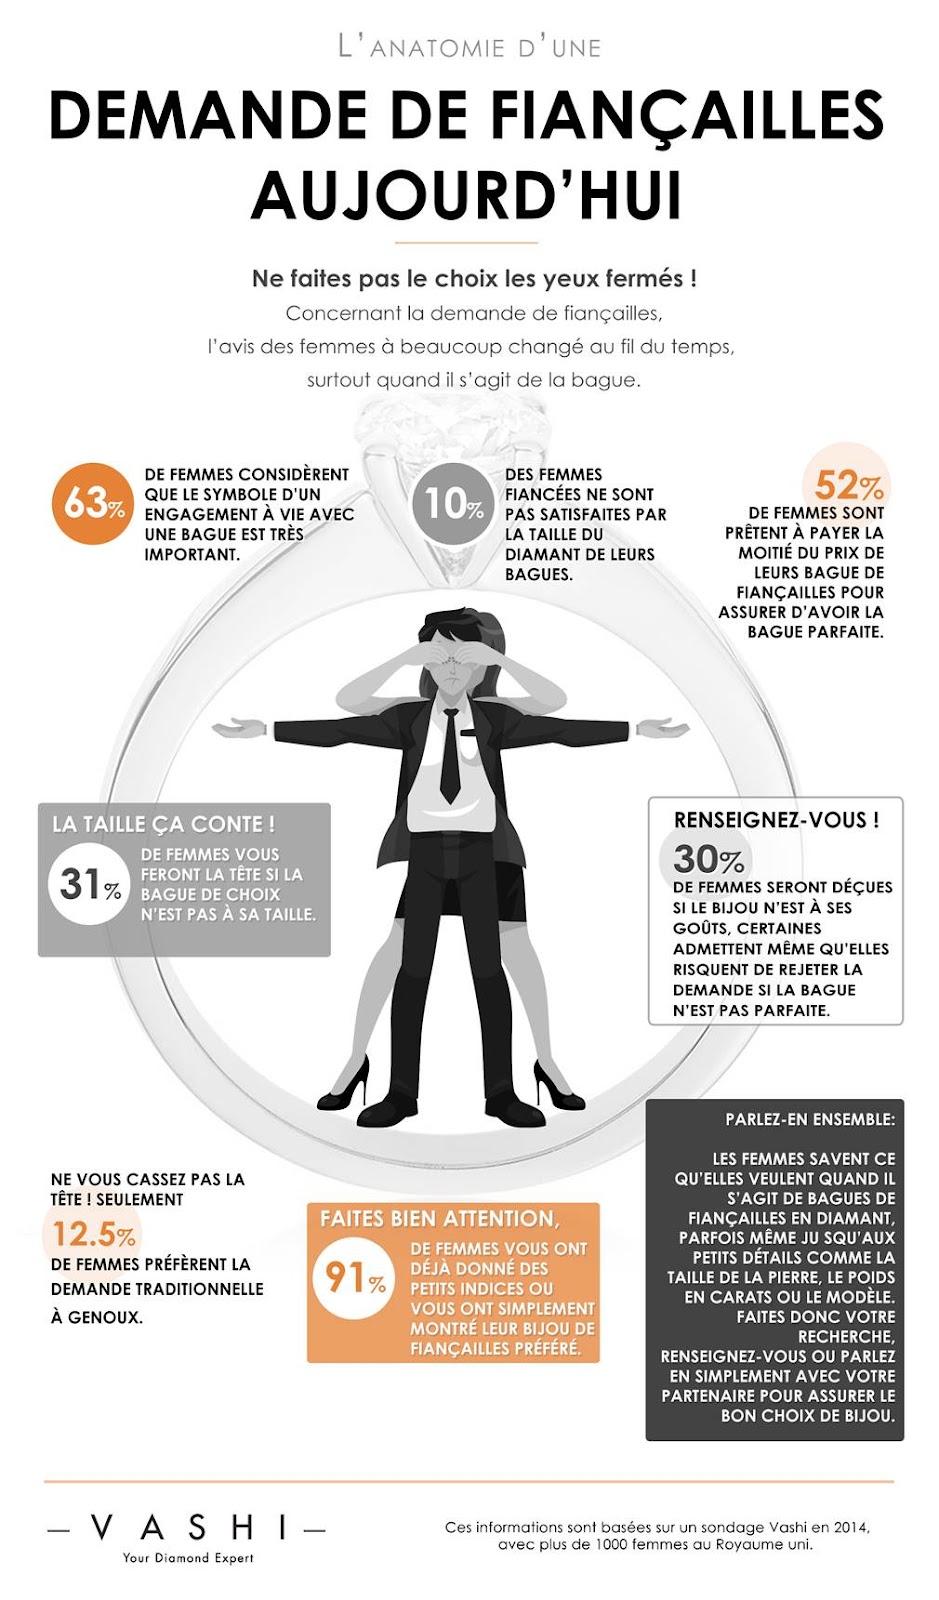 Infographie sur la demande en fiançailles - Vashi